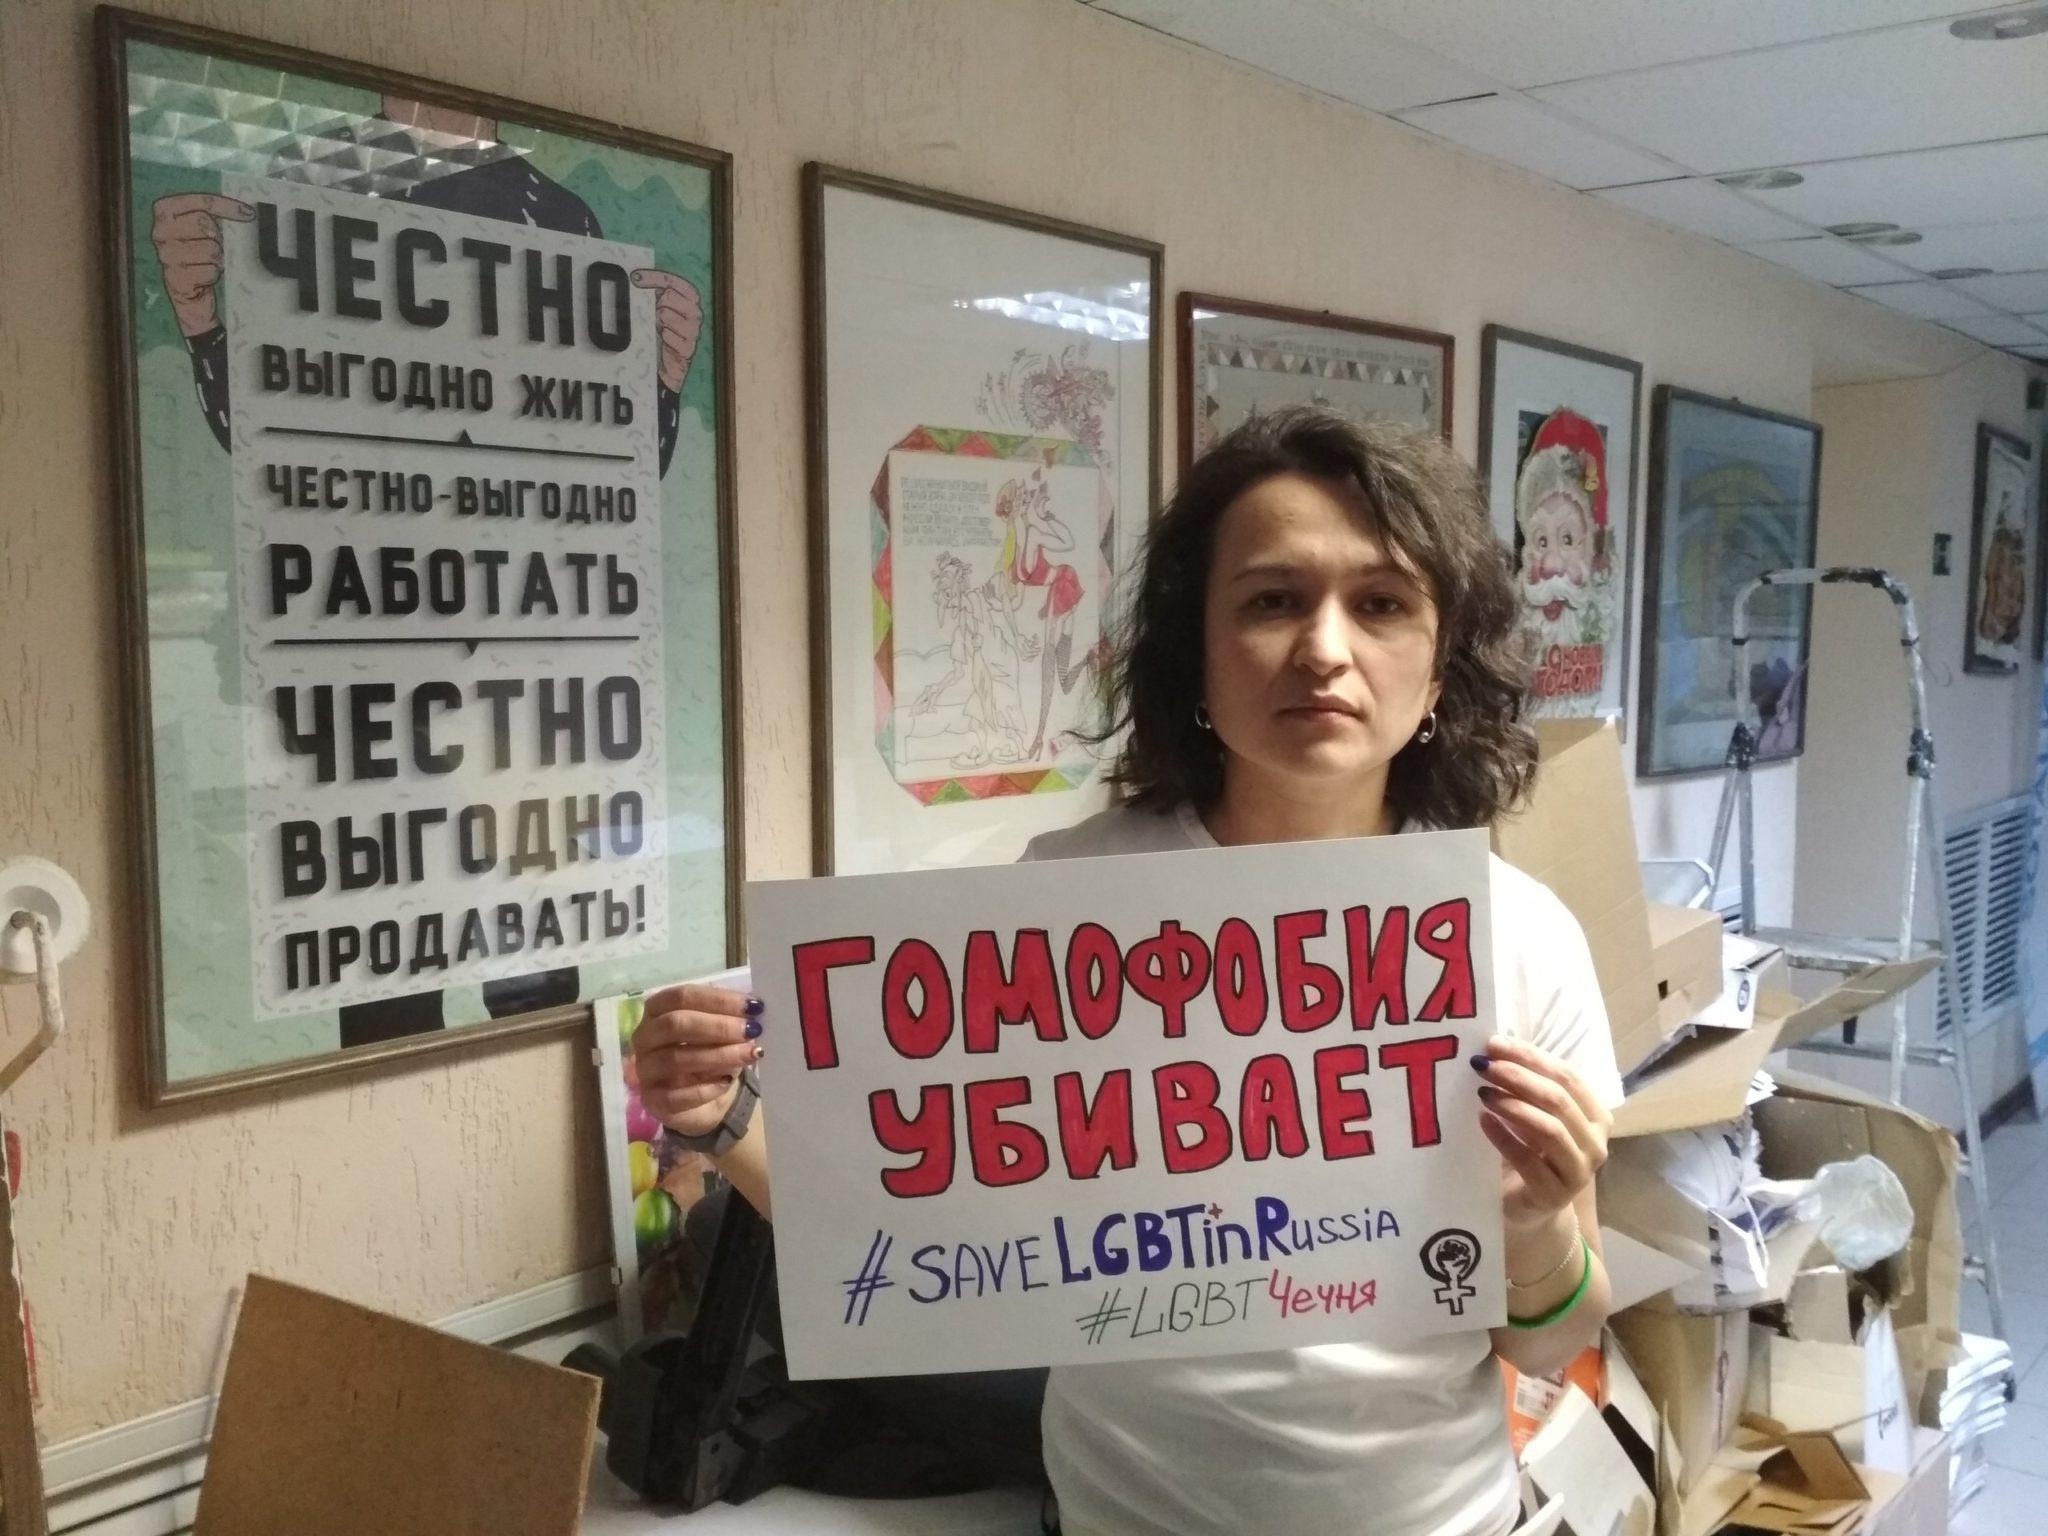 В России стартовала кампания #saveLGBTinRussia